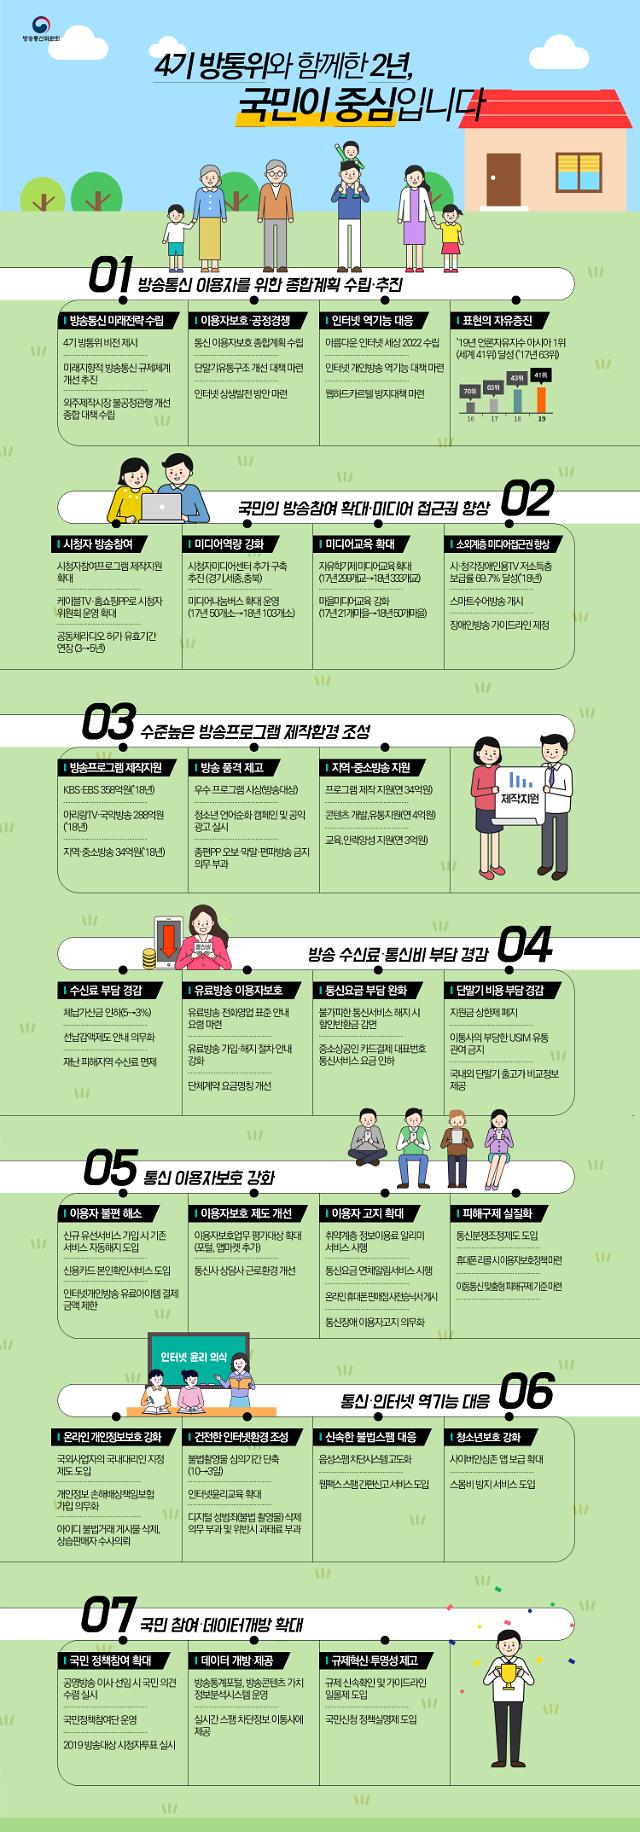 '방송통신 국민정책참여단' 출범, 방통위 추진 과제 해결사로 나선다